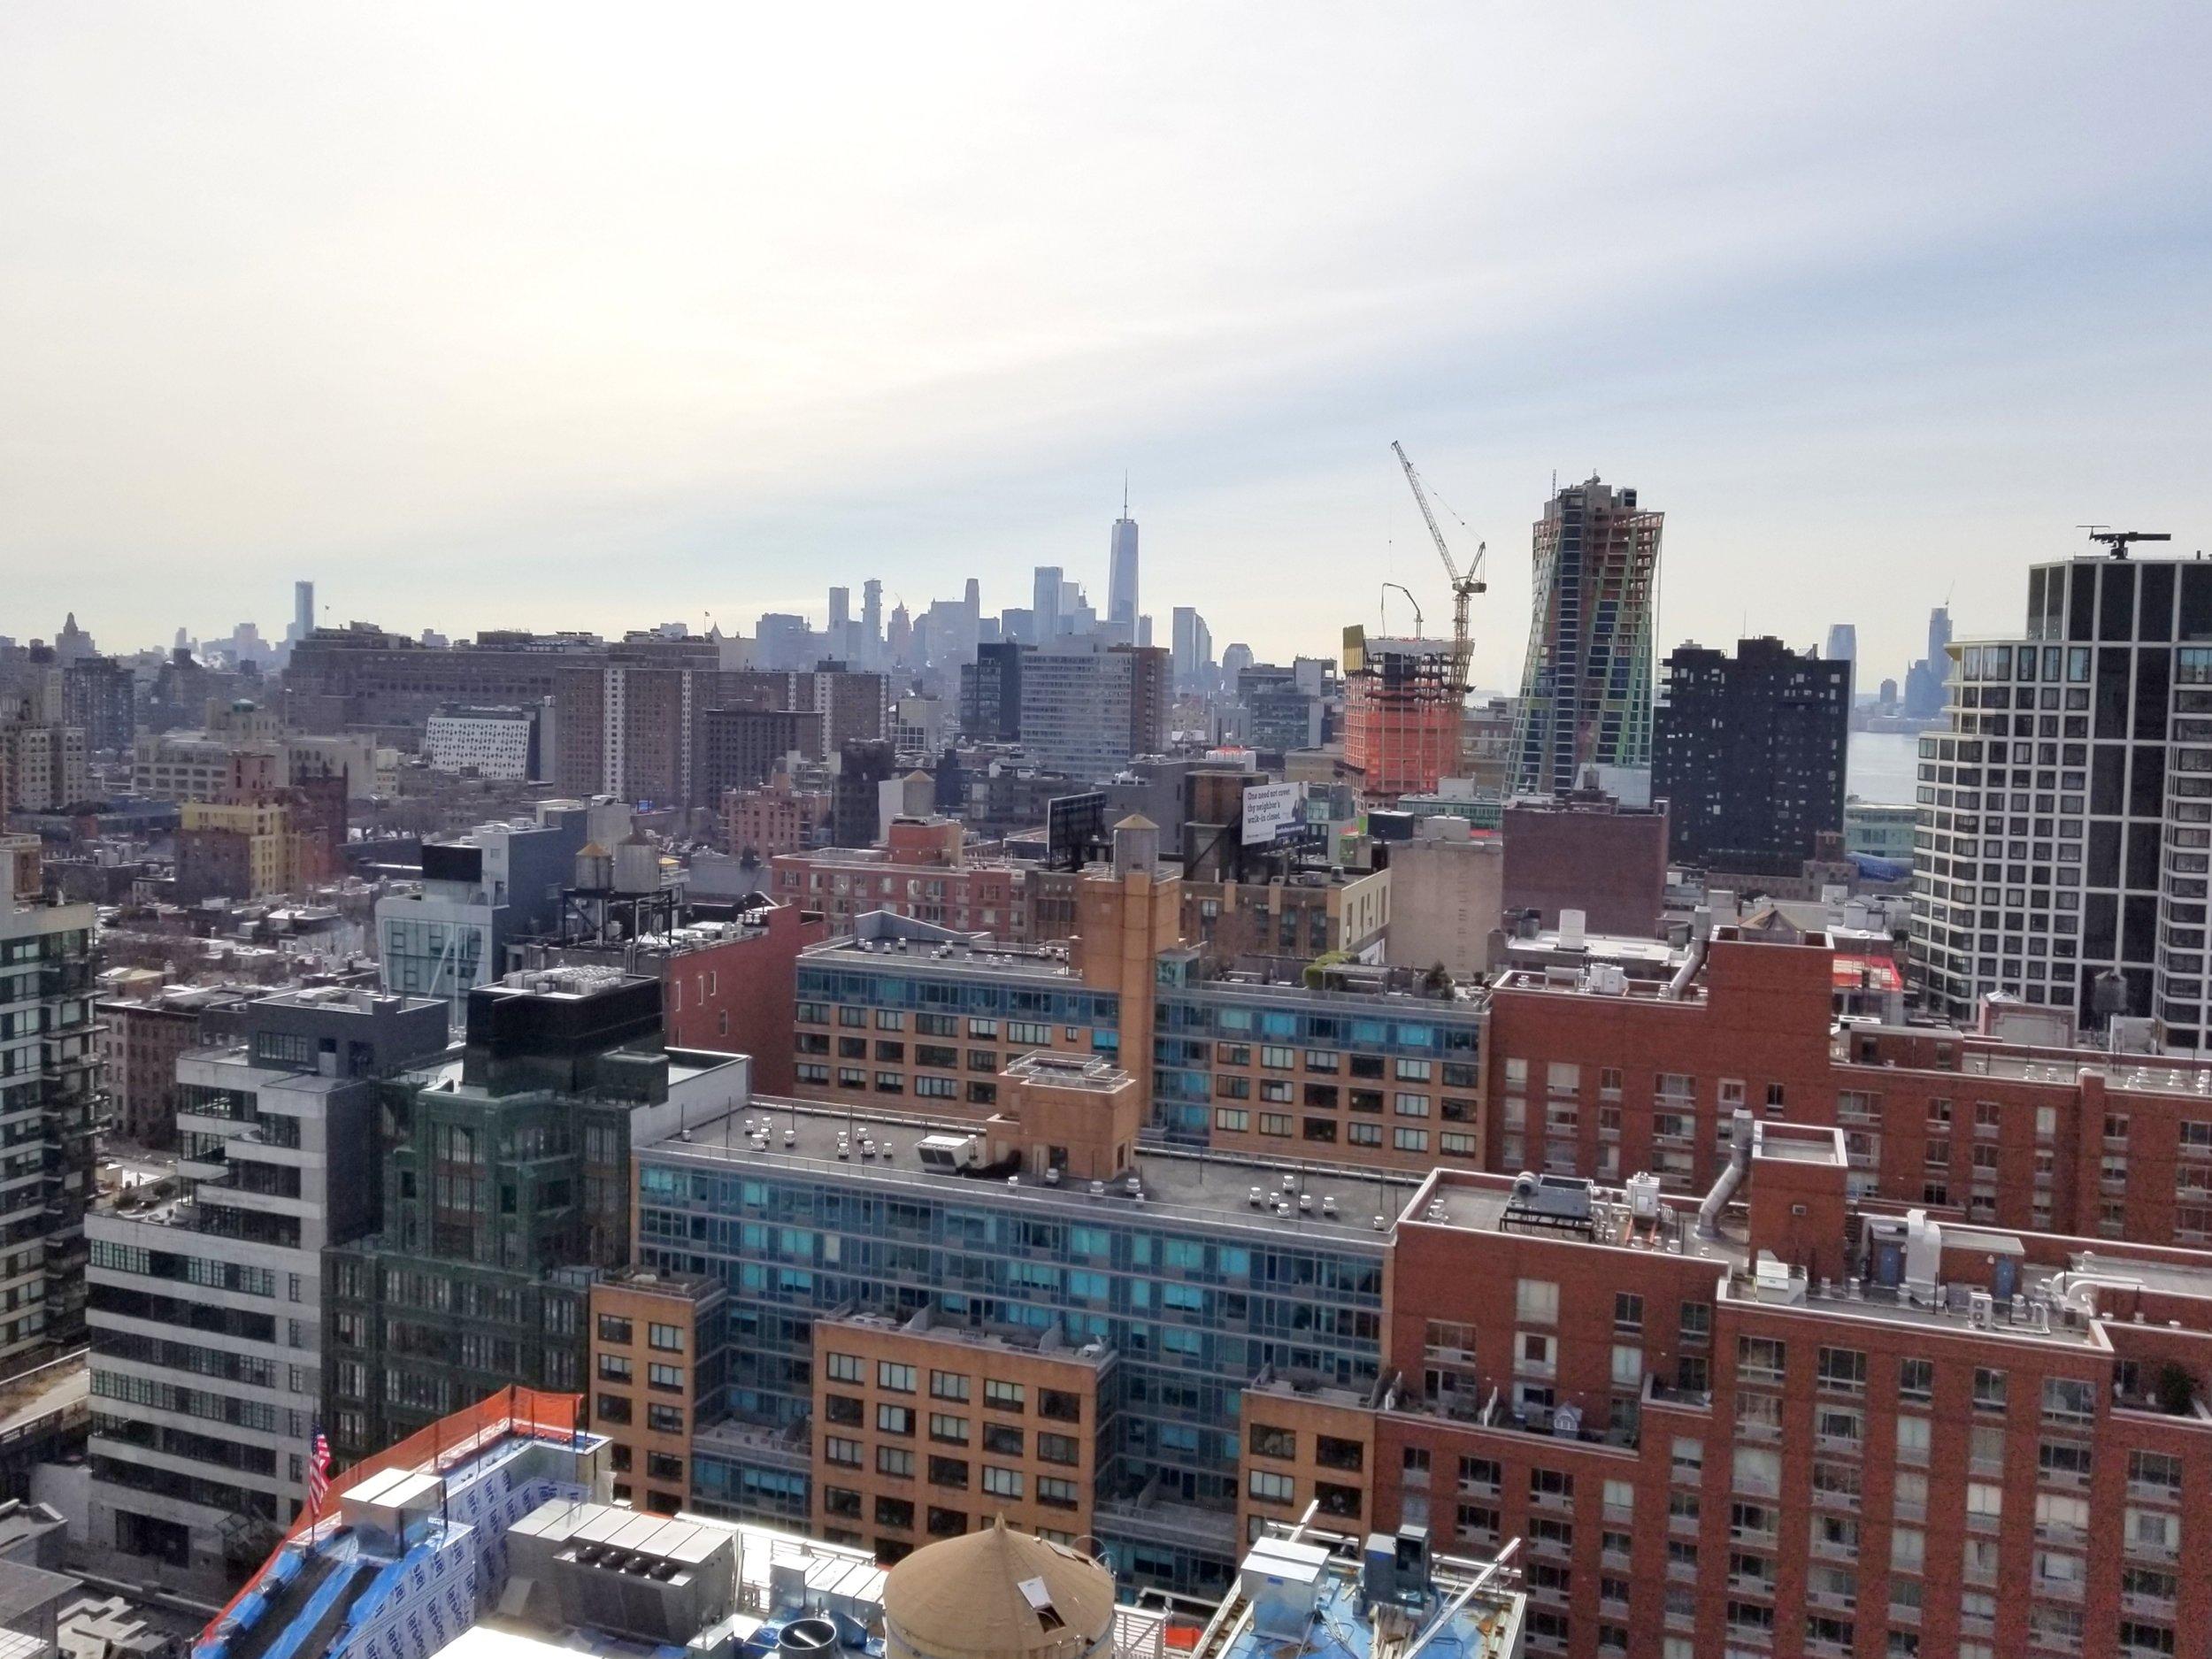 545 W 25 Skyline View